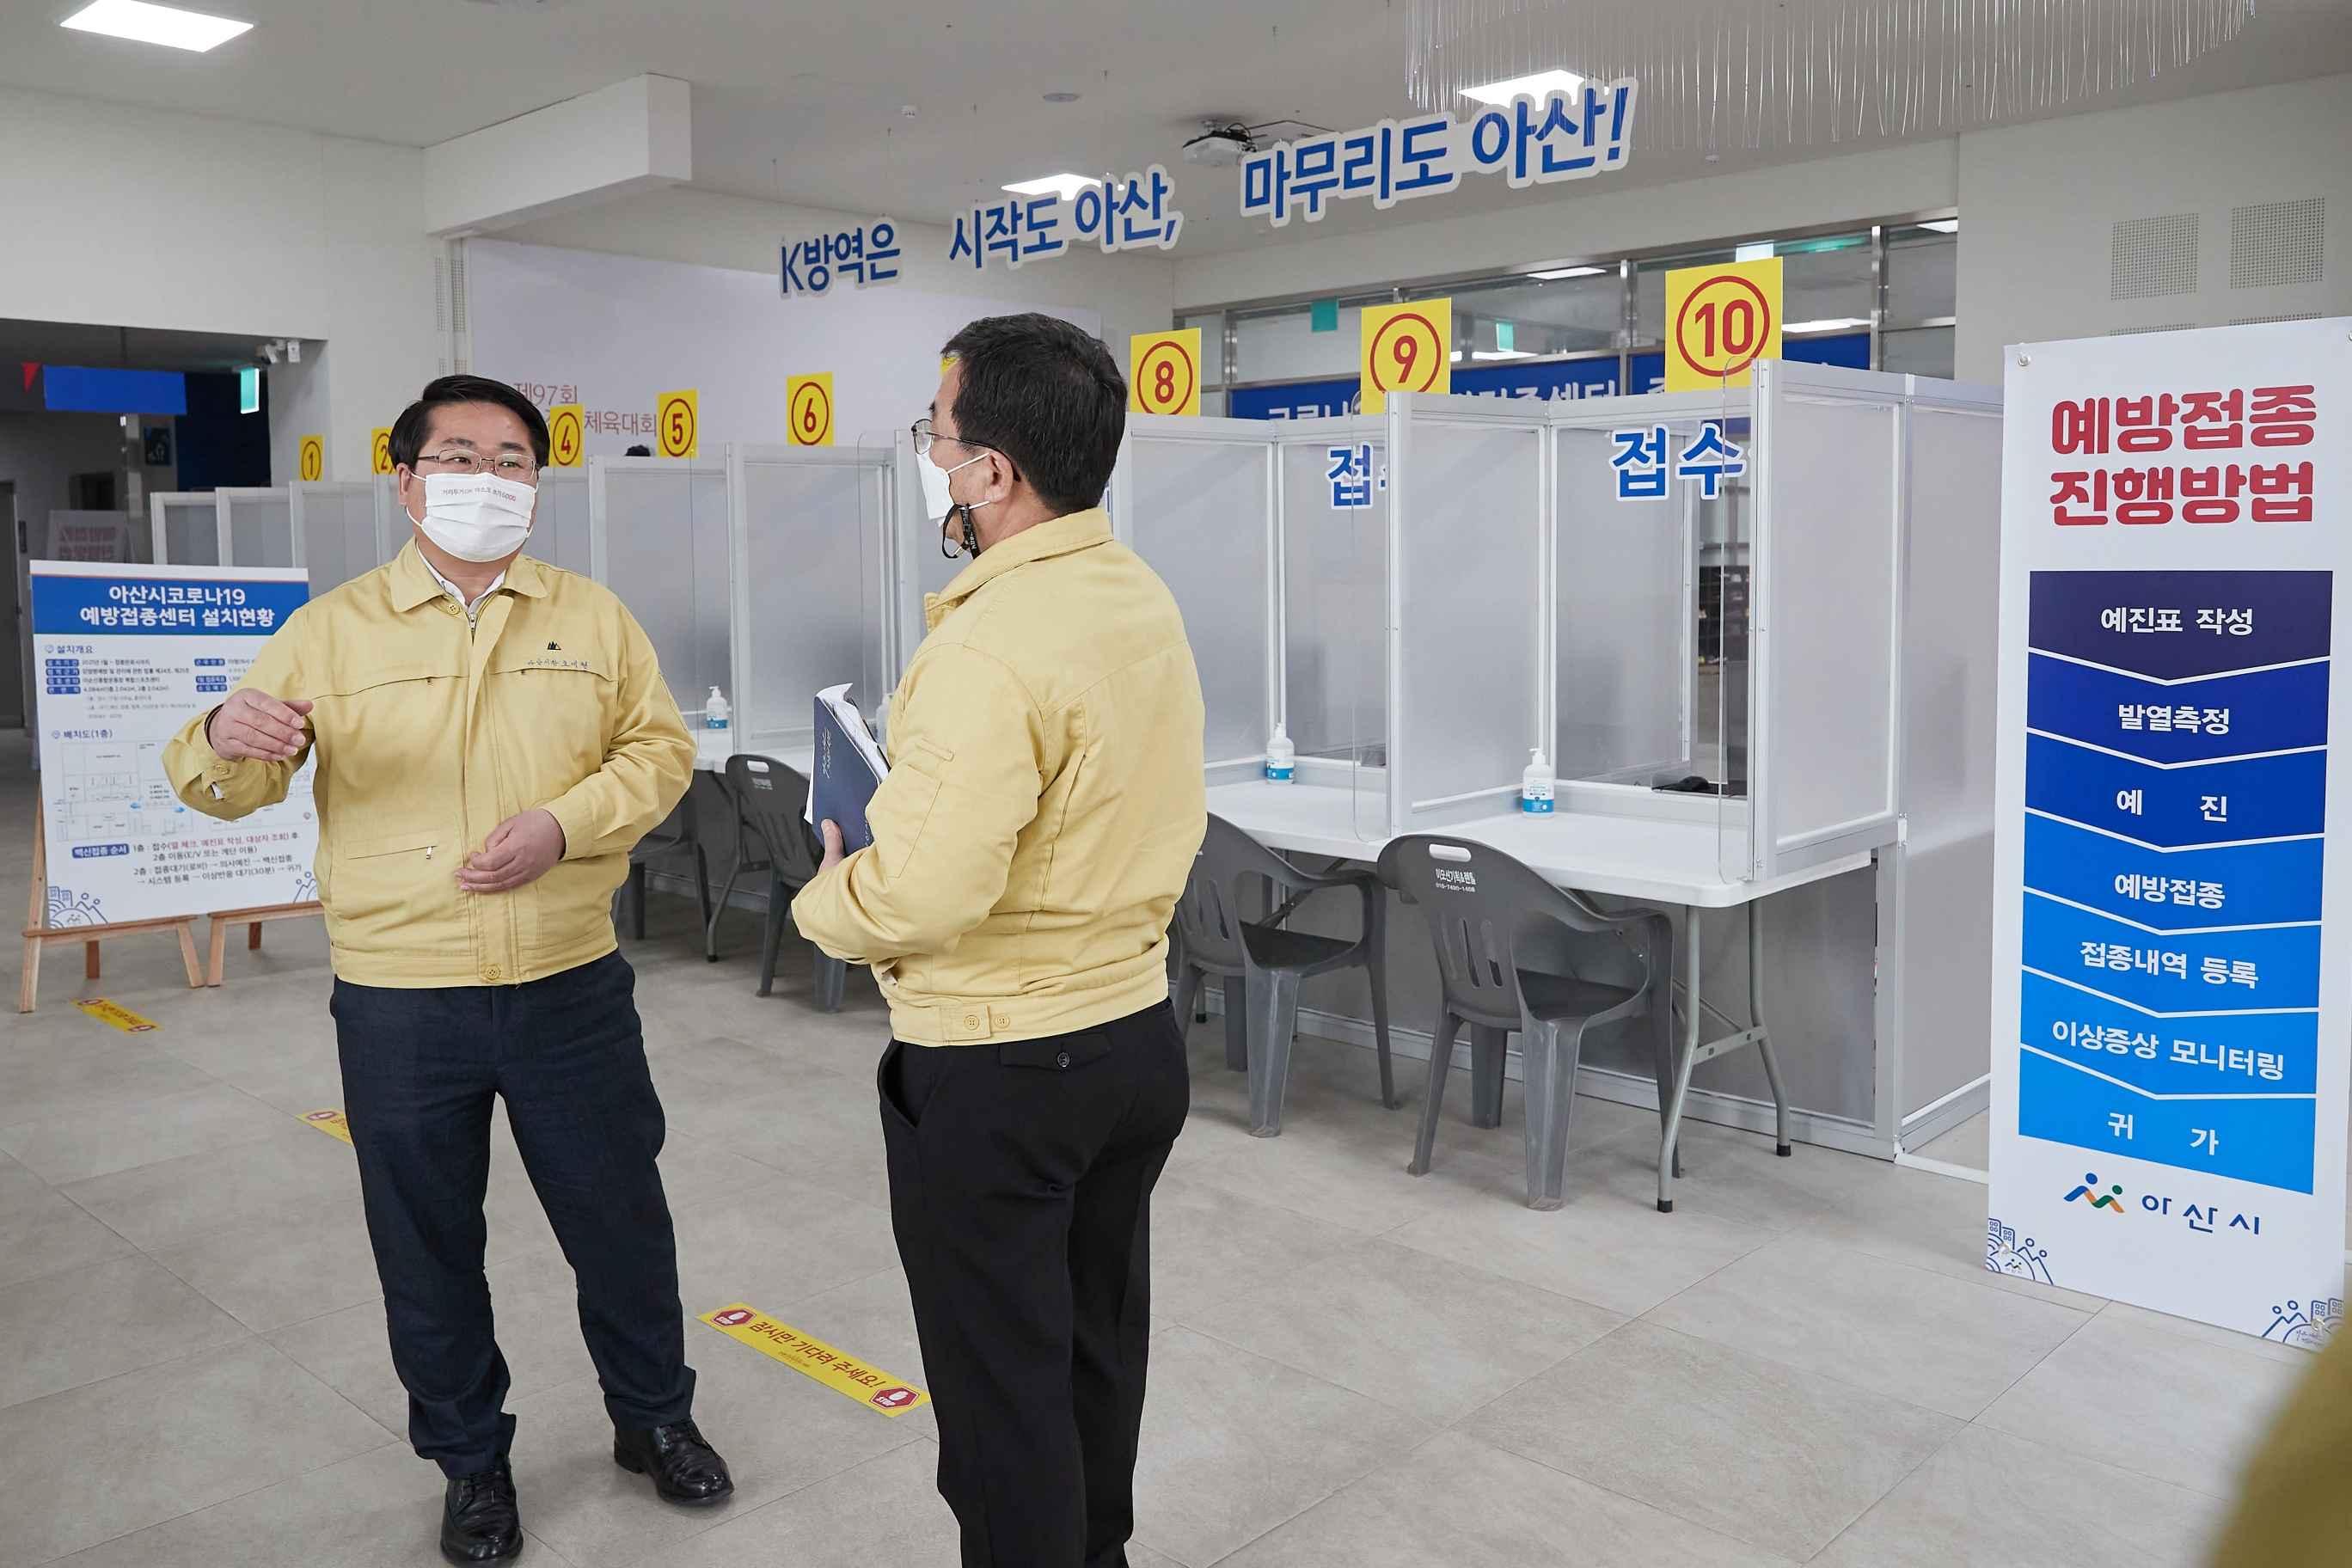 코로나19 백신 아산 도착, 오세현 시장 접종센터 현장 점검 관련사진